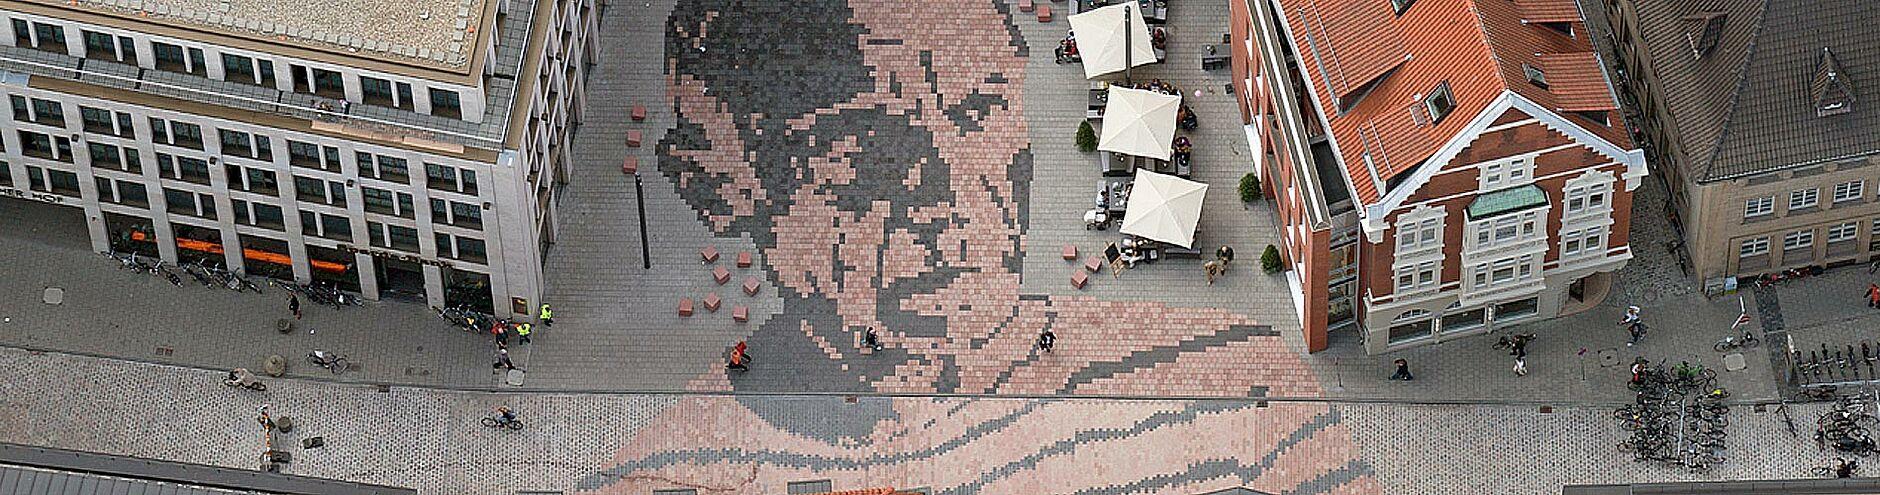 2021-07-22 - www - Picassoplatz